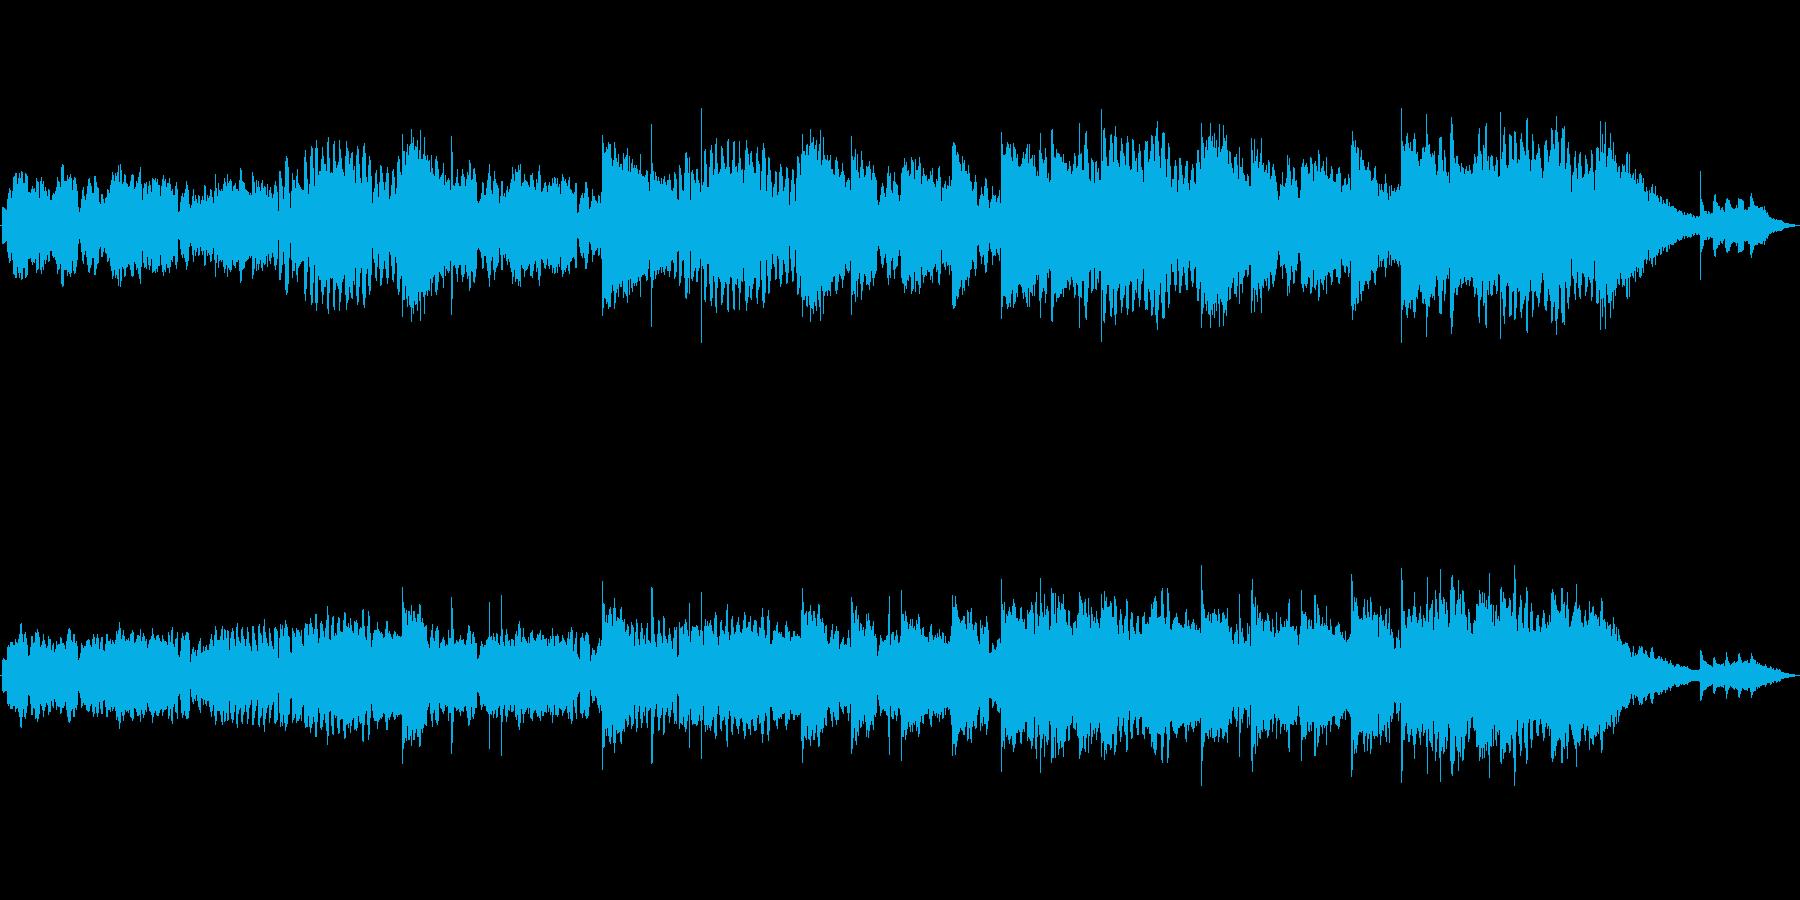 昔話 童話 村 和風ループ音源の再生済みの波形